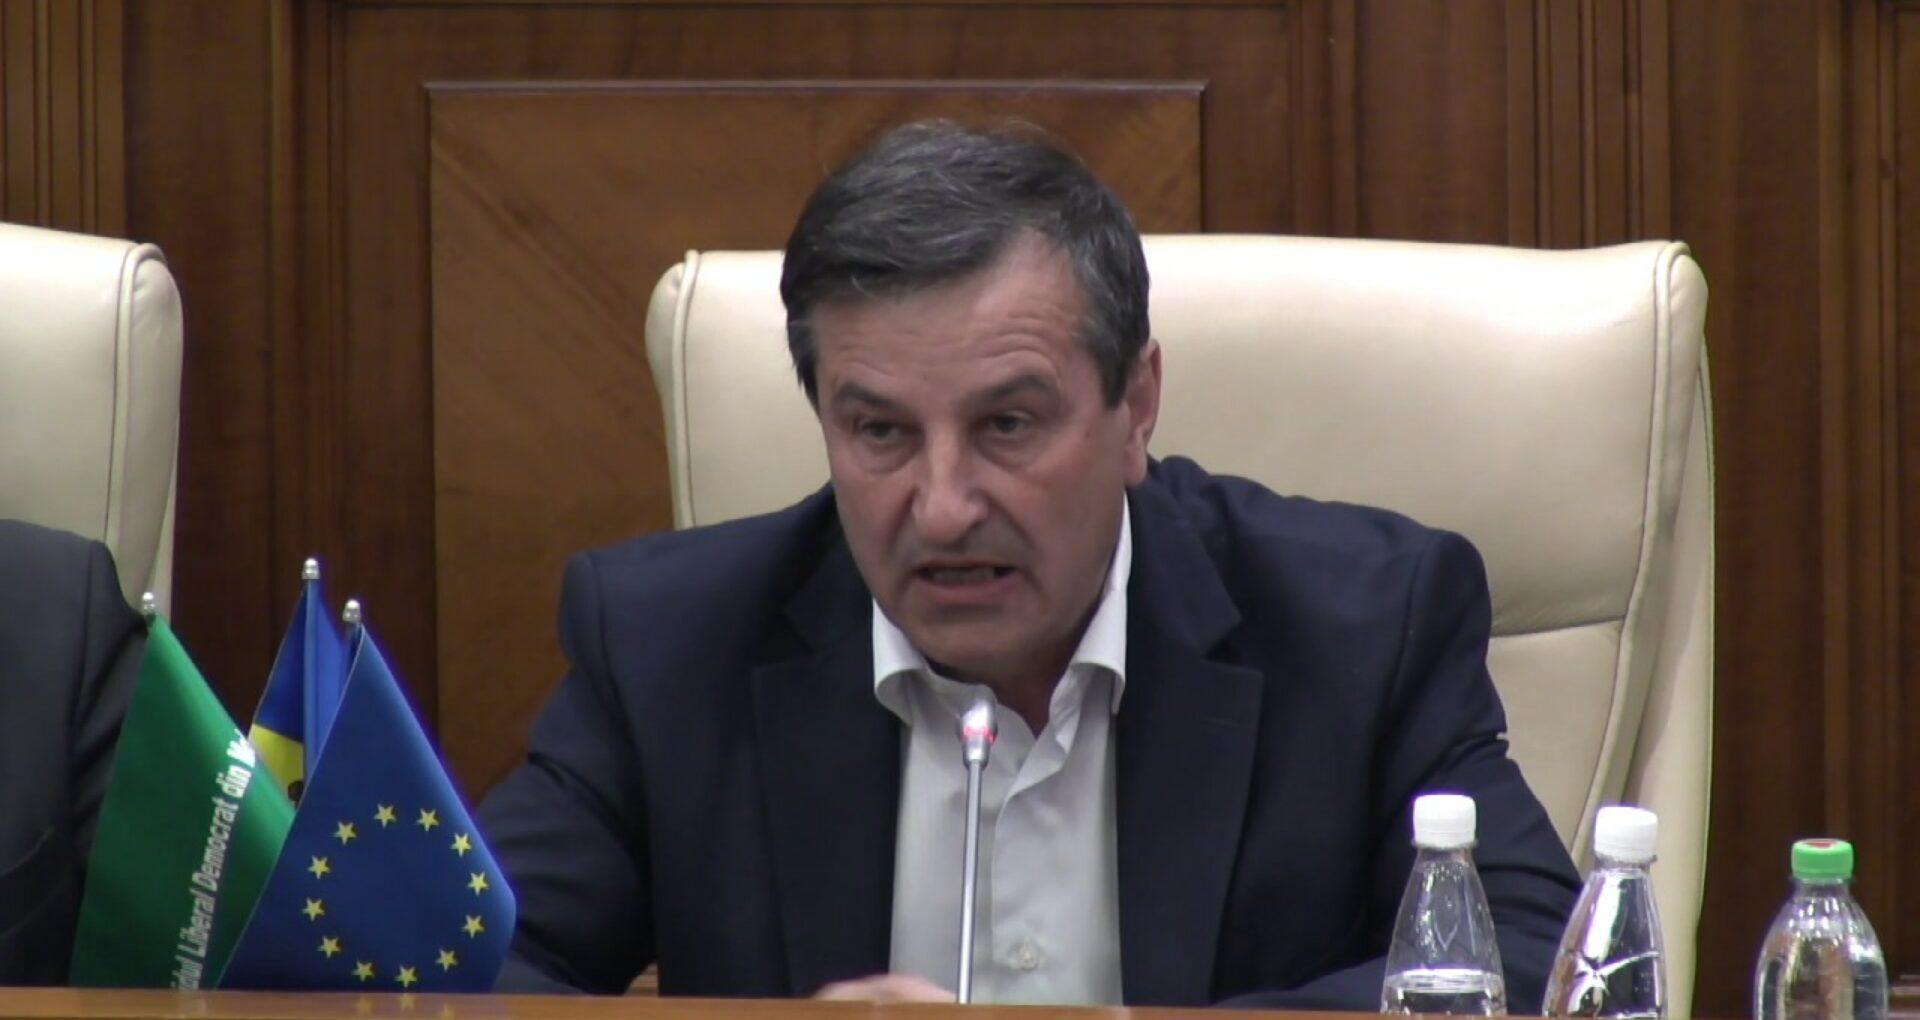 Membrul PAS Grigore Cobzac intenționează să candideze independent la alegerile din 15 martie. Reacția PAS și a PPDA